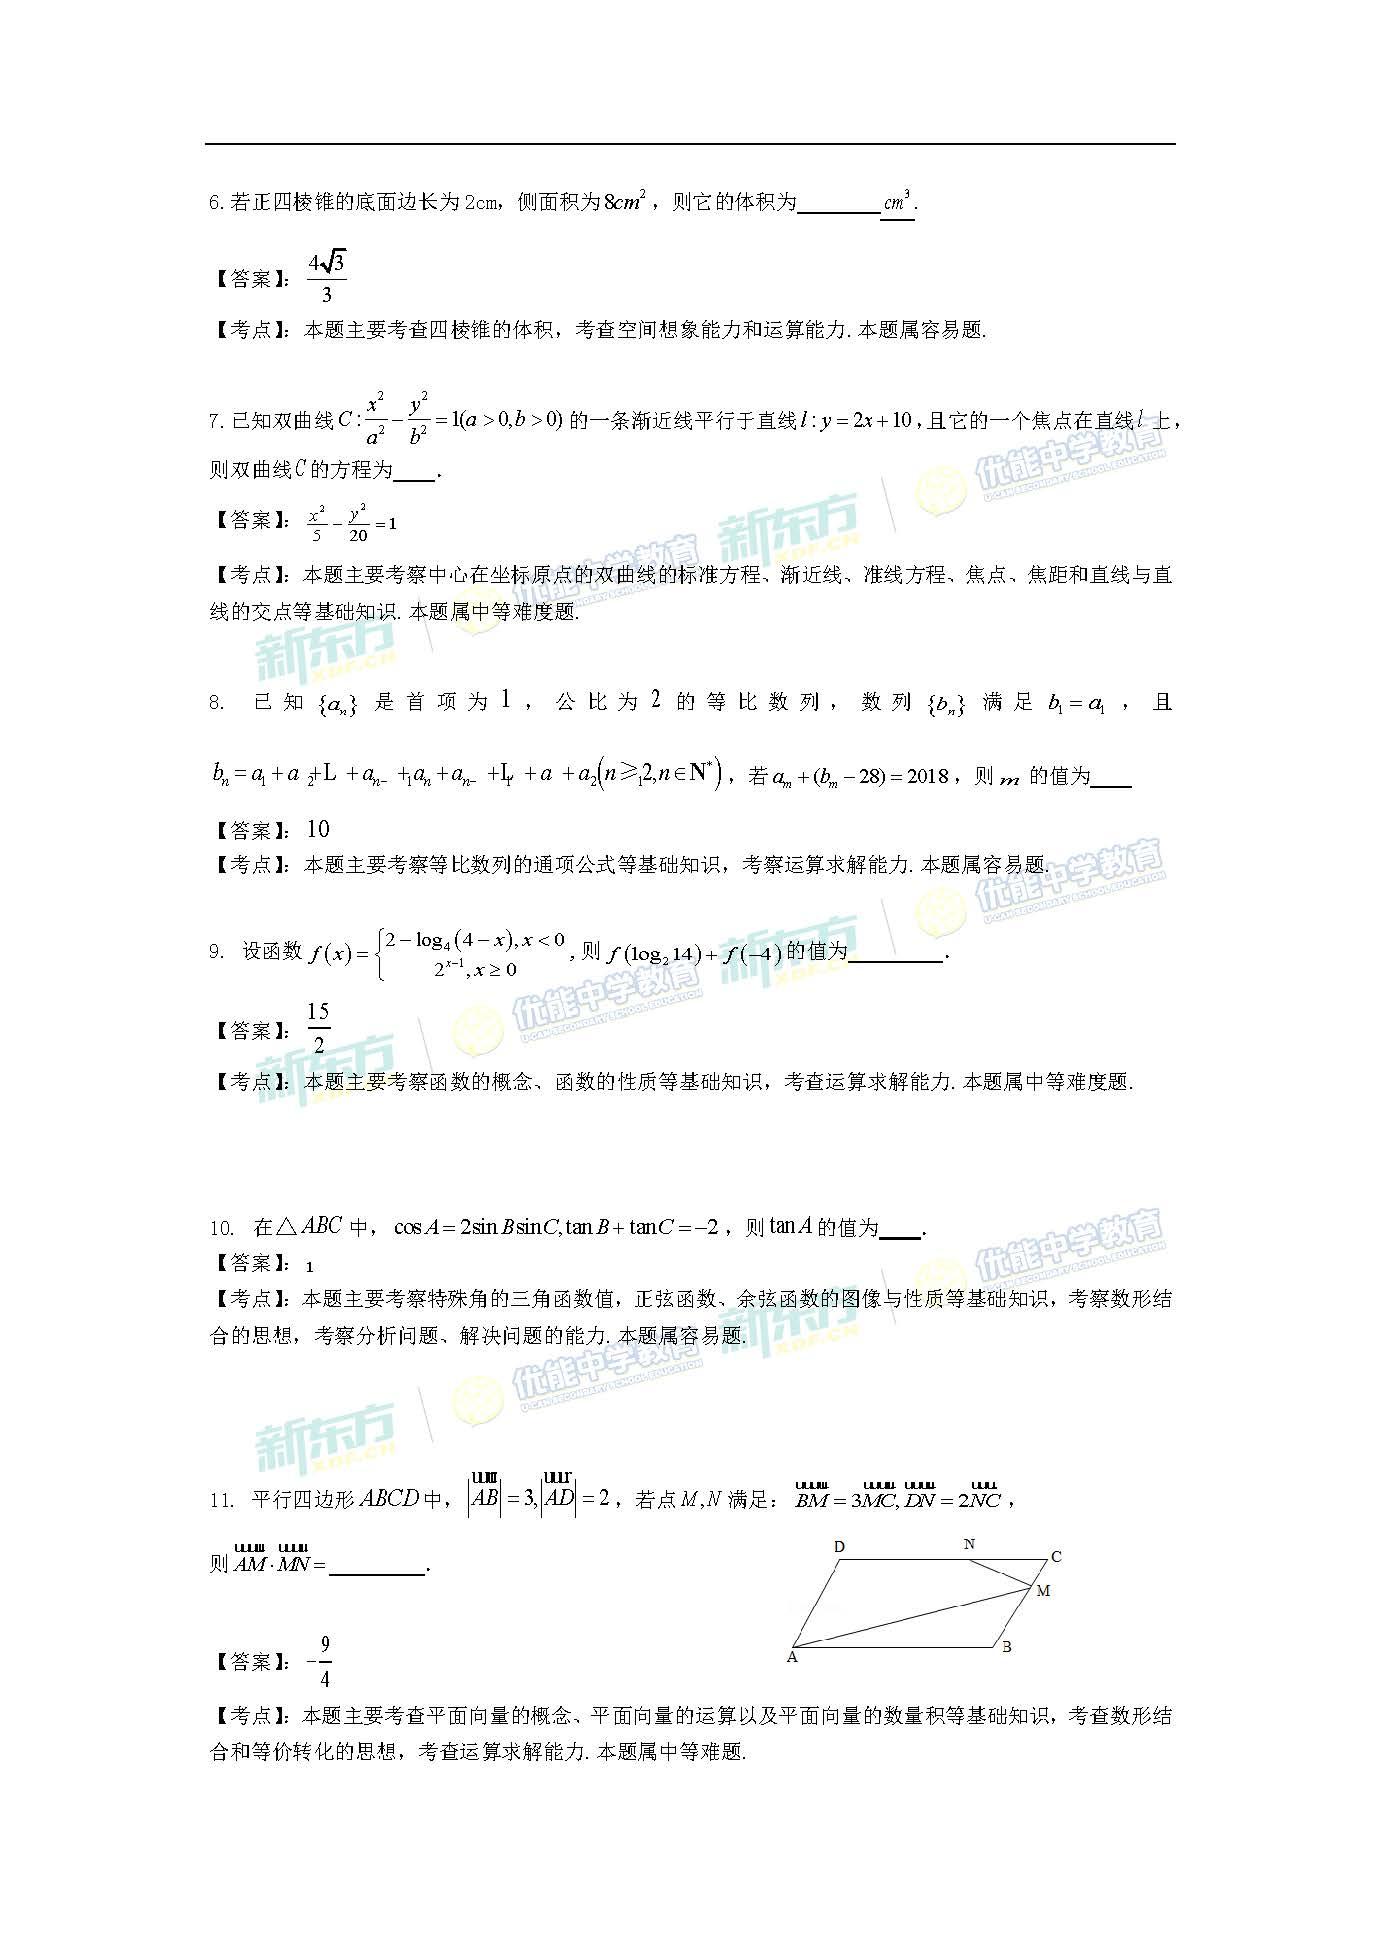 2018(江苏卷)数学高考考点解析及复习建议